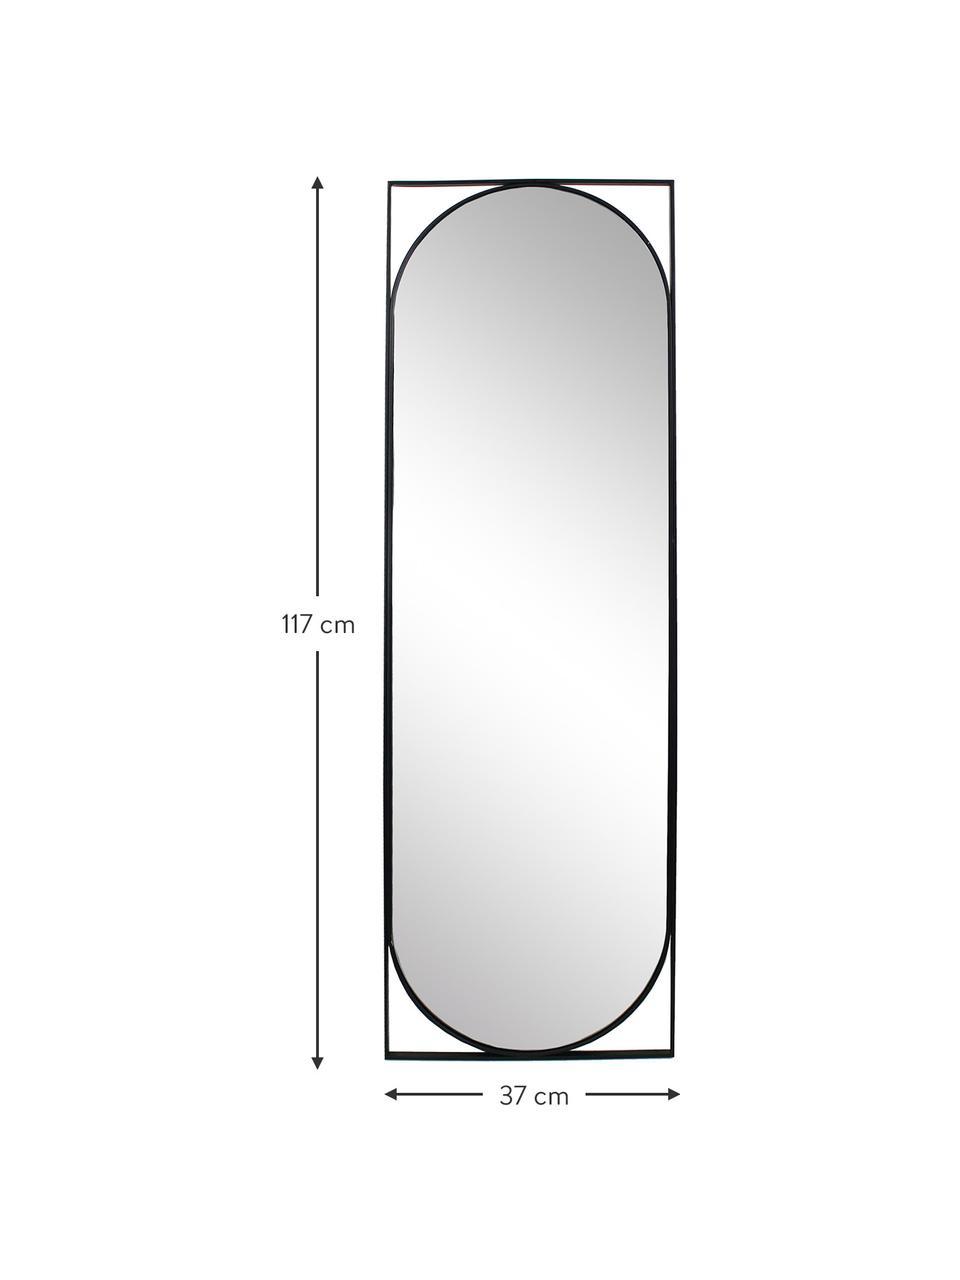 Lustro ścienne z metalową ramą Azurite, Czarny, S 37 x W 117 cm